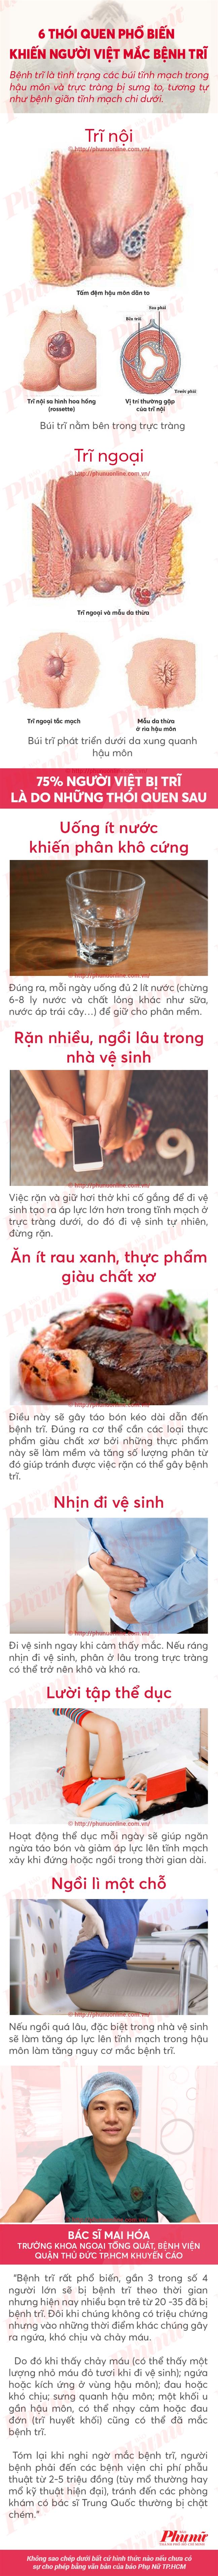 6 thoi quen pho bien khien nguoi Viet mac benh tri